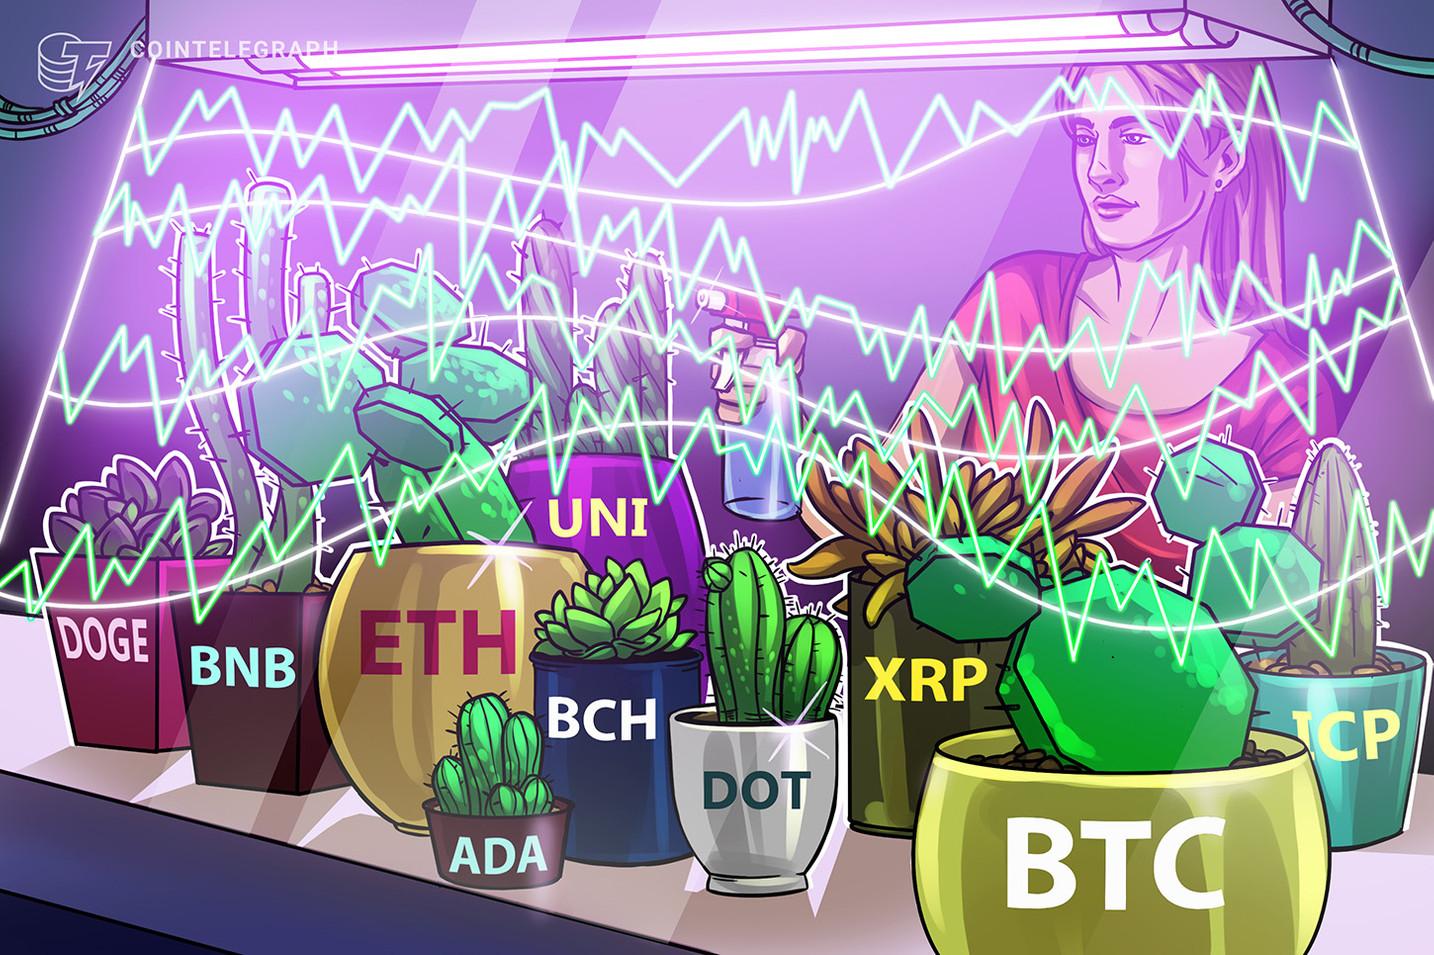 反発に向けて力蓄える 仮想通貨チャート分析:ビットコイン・イーサ・XRP(リップル)・ビットコインキャッシュ